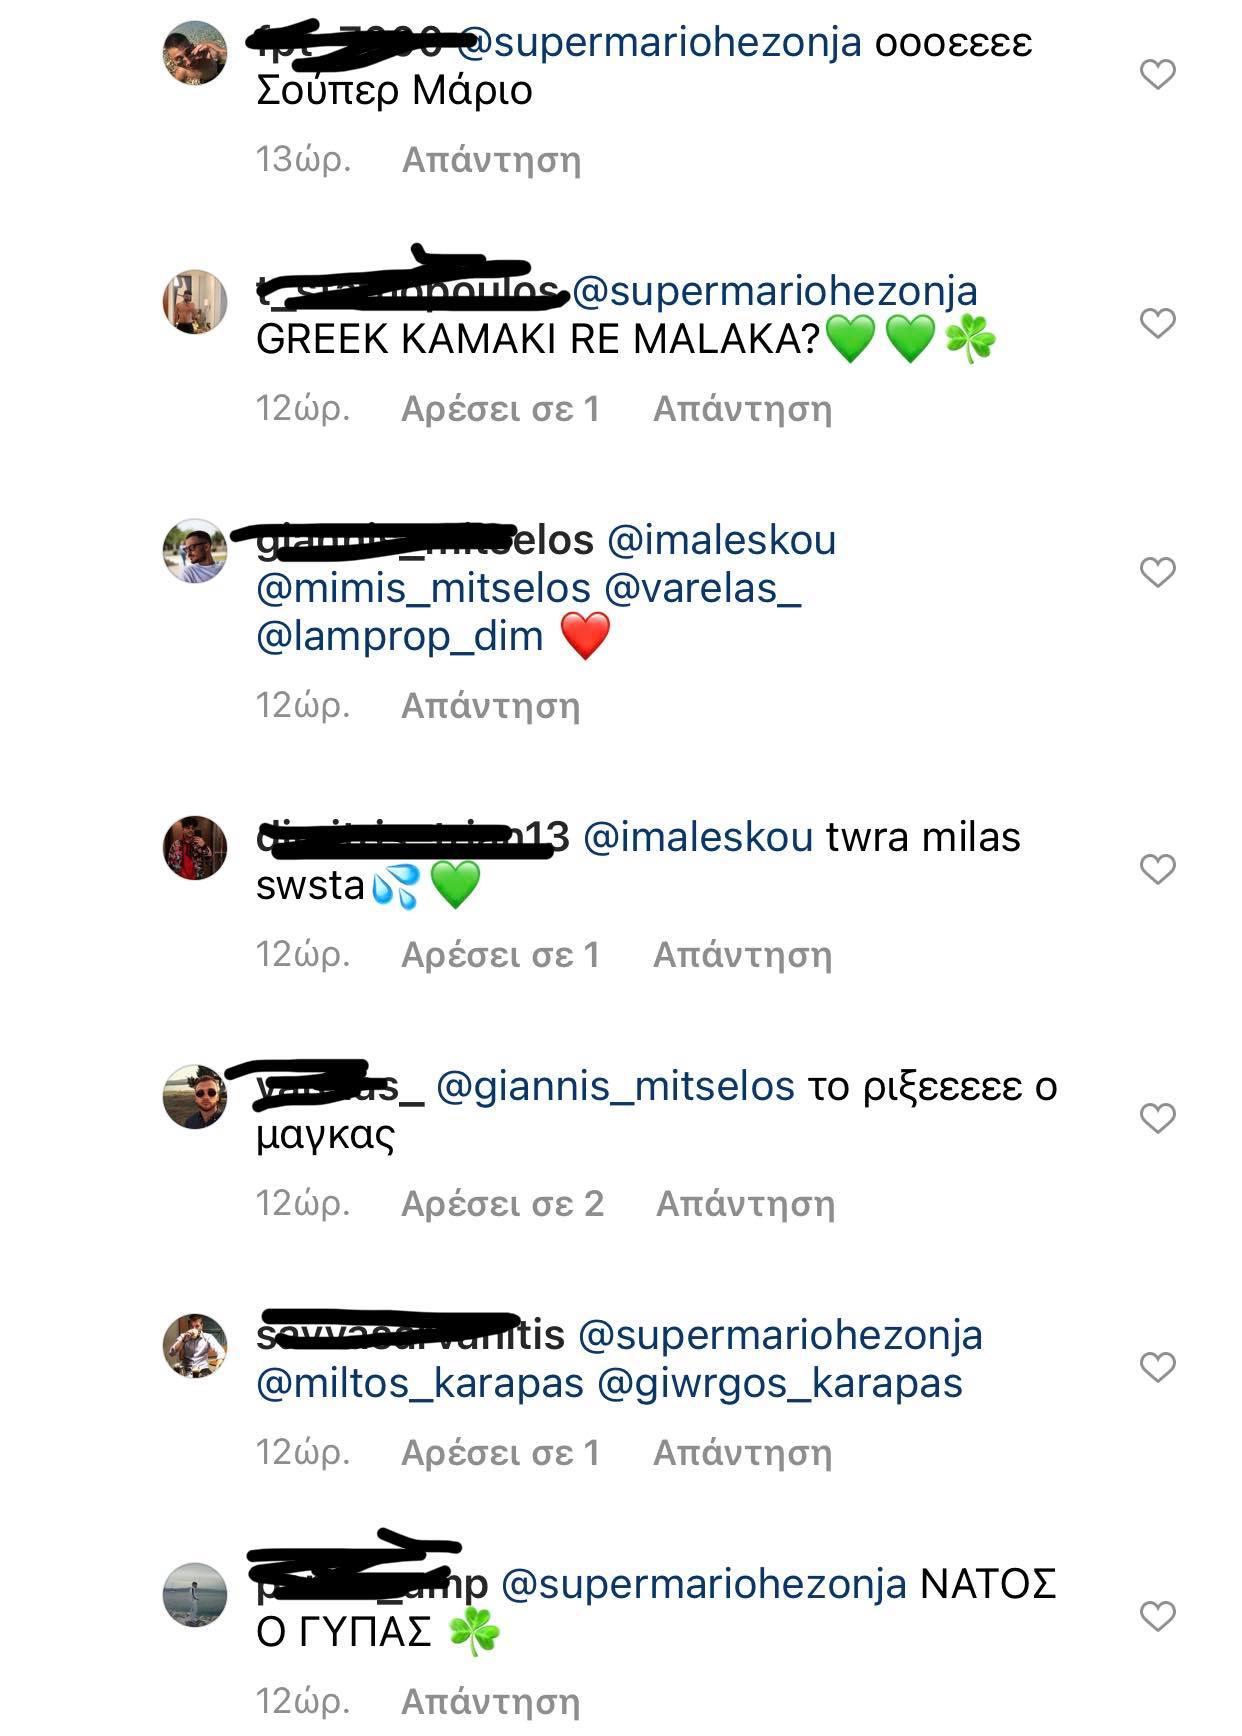 «Βροχή» τα σχόλια οπαδών για Χεζόνια - Μαλέσκου: «Greek kamaki - Παίξε μπάλα μεγάλε!»